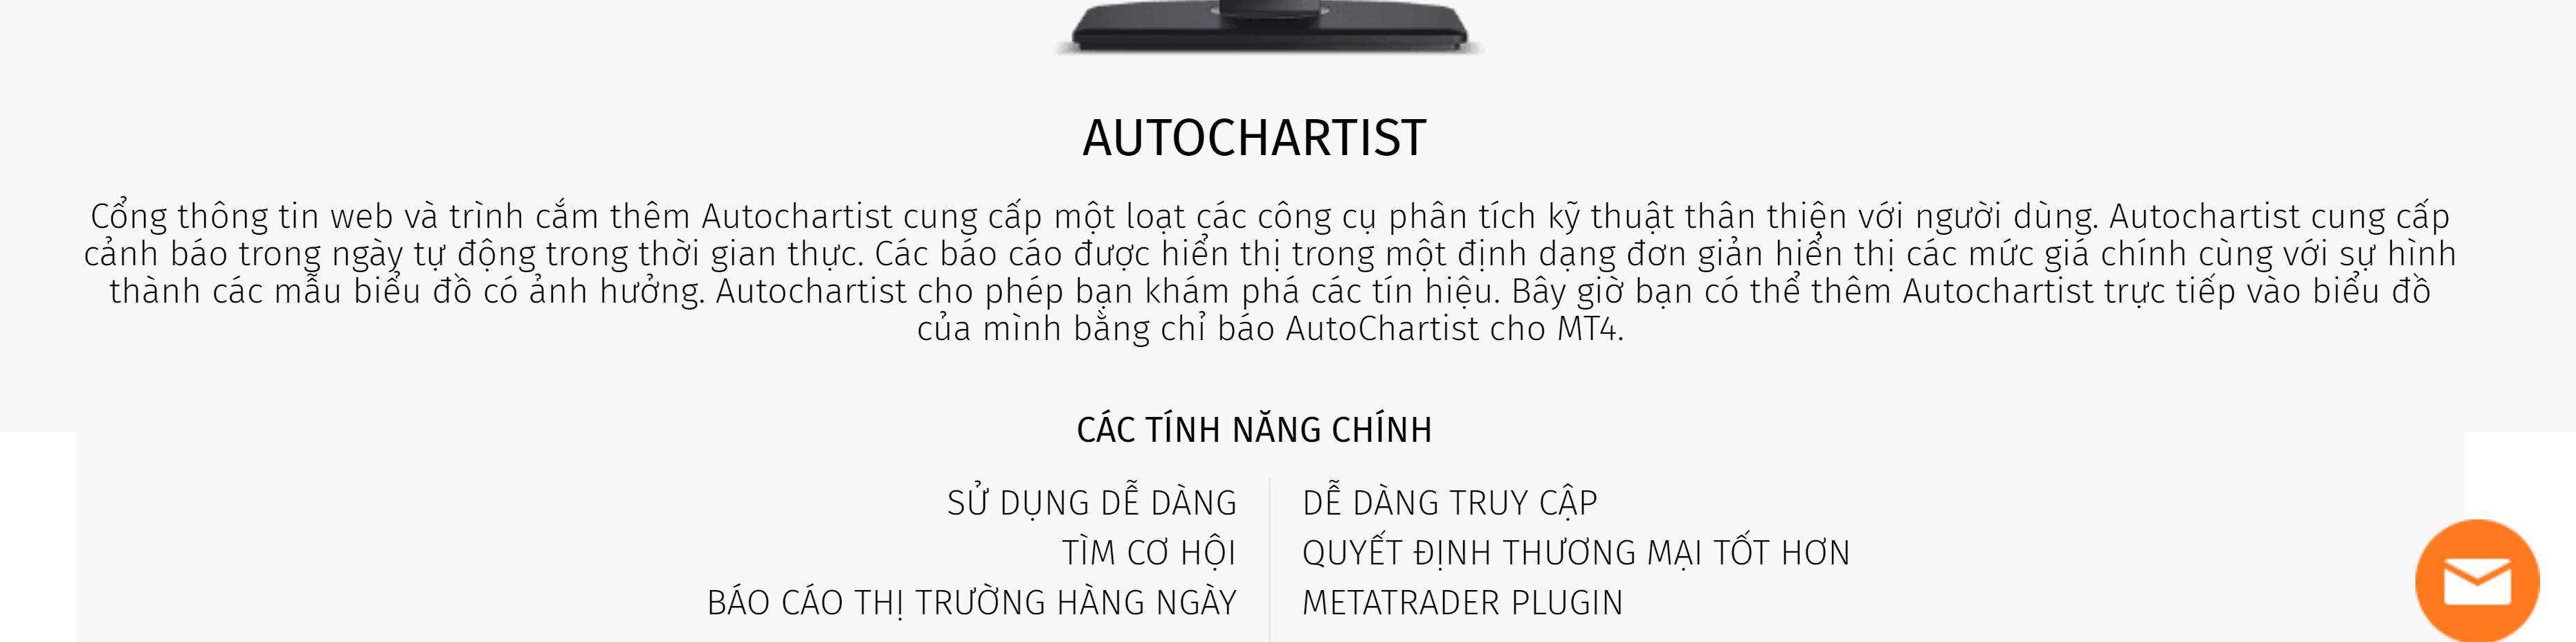 Autochartist (1)